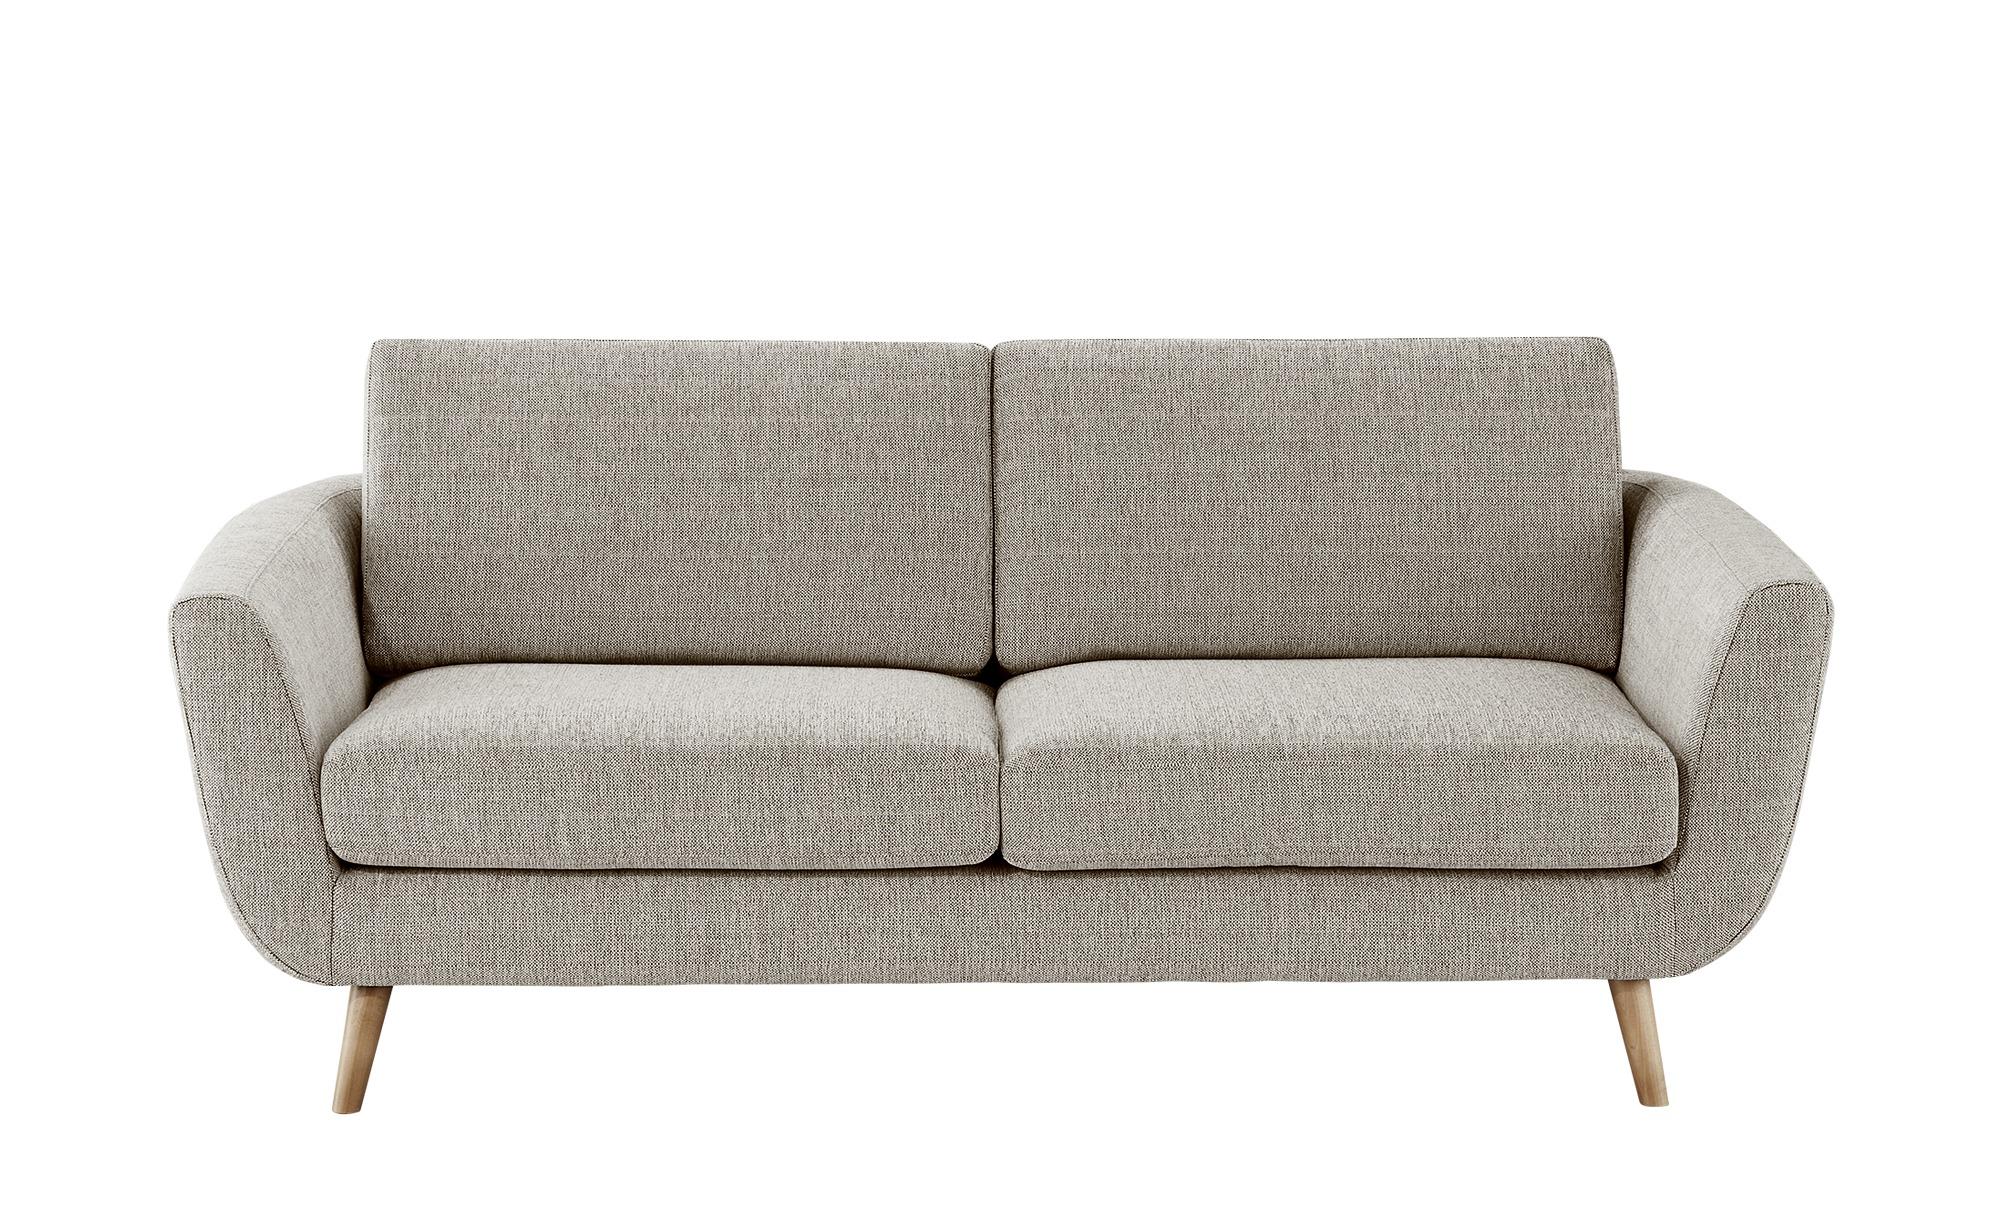 SOHO Sofa braun - Webstoff Smilla ¦ beige ¦ Maße (cm): B: 197 H: 78 T: 93 Polstermöbel > Sofas > Einzelsofas - Höffner